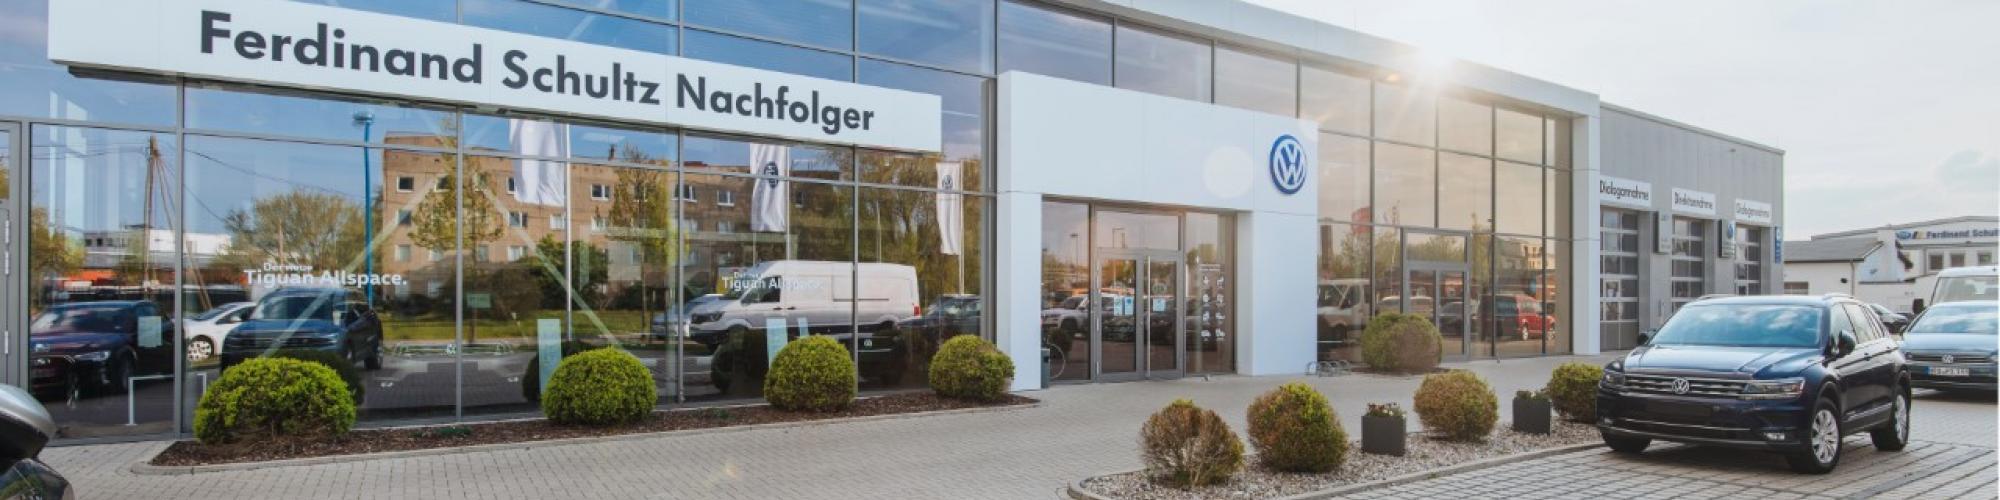 Ferdinand Schultz Nachfolger Autohaus GmbH & Co.KG